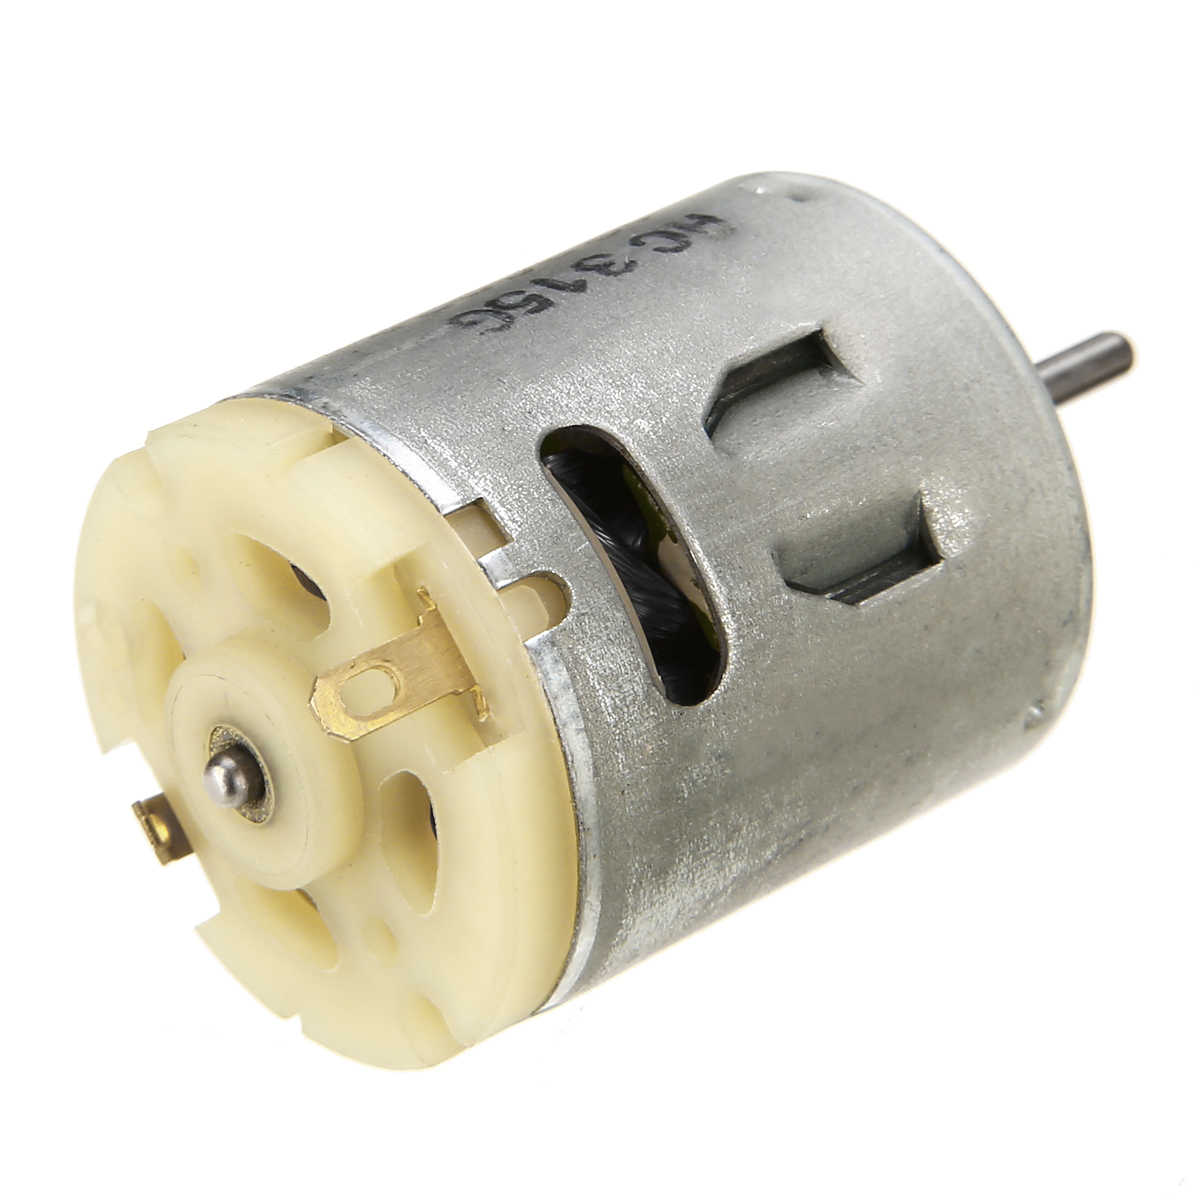 Hohe Geschwindigkeit 5000 RPM 6-12 V DC Motor Hobby Mini DC Motor 365 Geräuscharm Für DIY Kleine bohrmaschine Motor Durchmesser 27,5mm